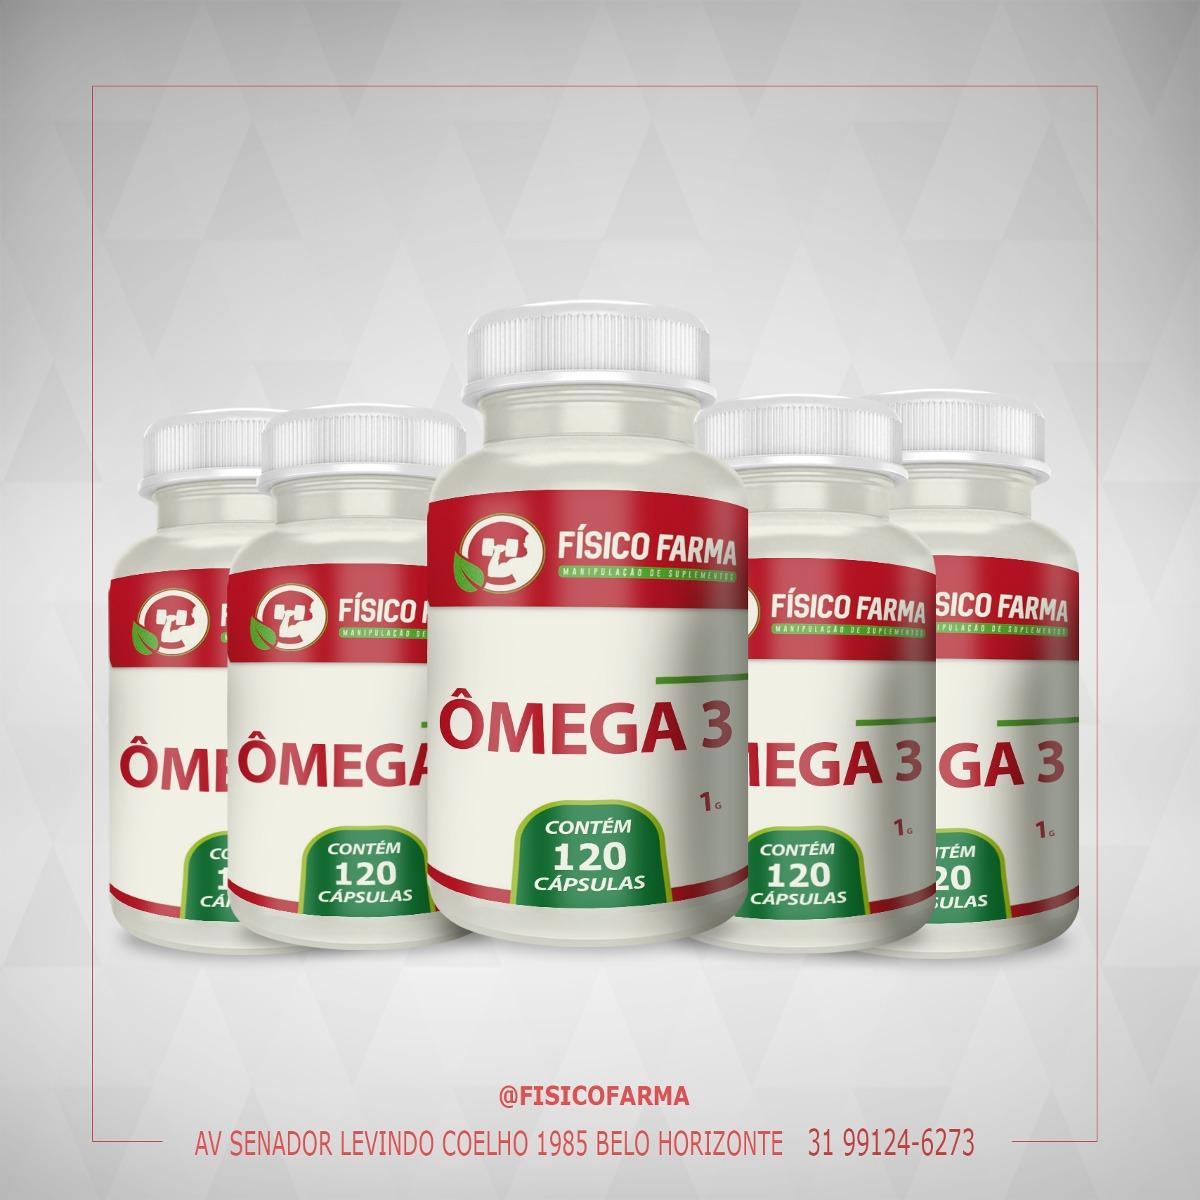 Kit Especial  -  5 frascos de Ômega 3 1g